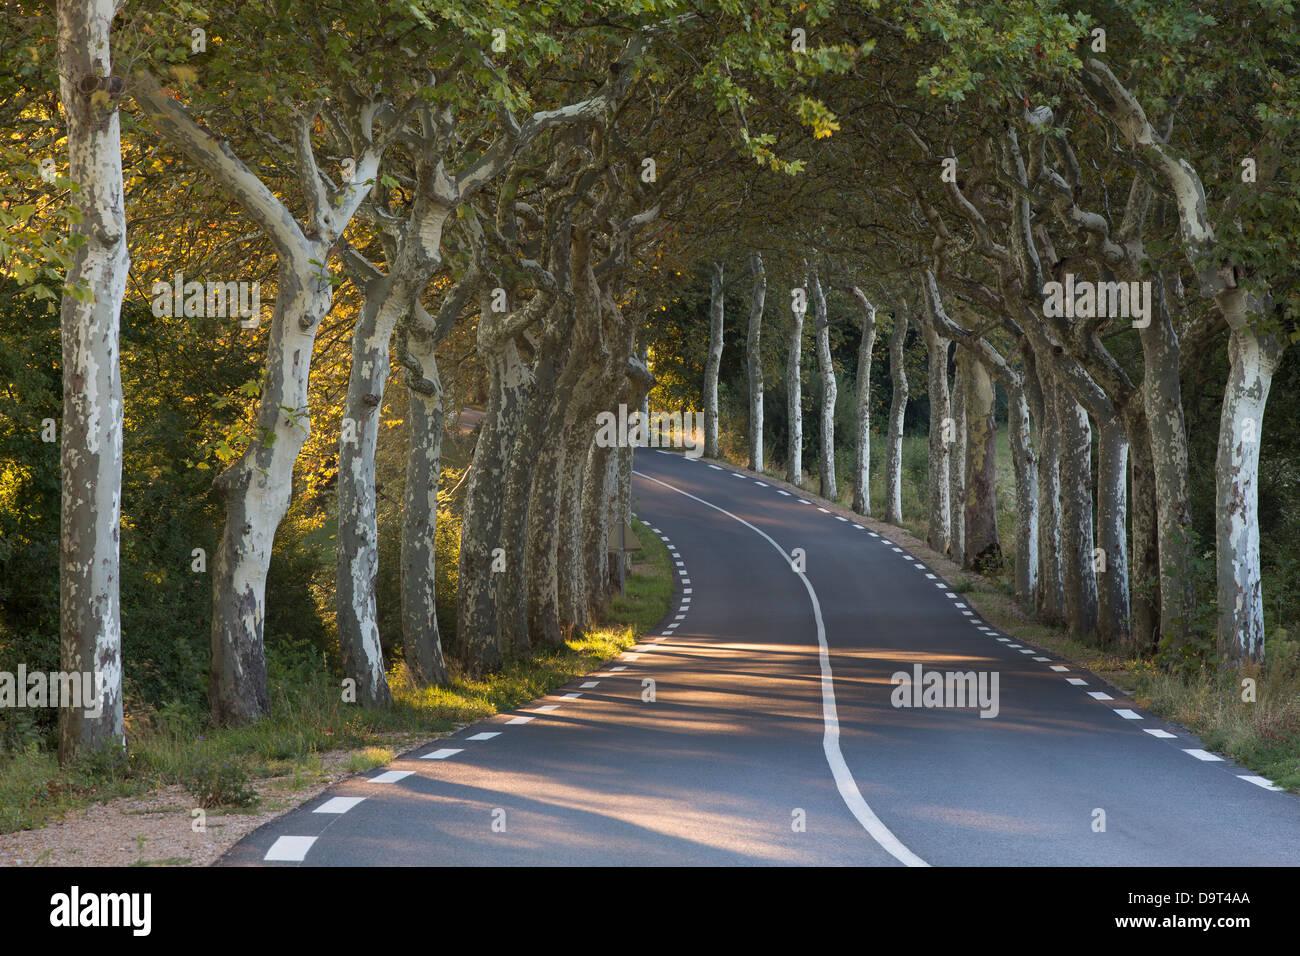 Une avenue d'arbres sur une route ordinaire nr Soreze, Tarn, Languedoc, France Banque D'Images